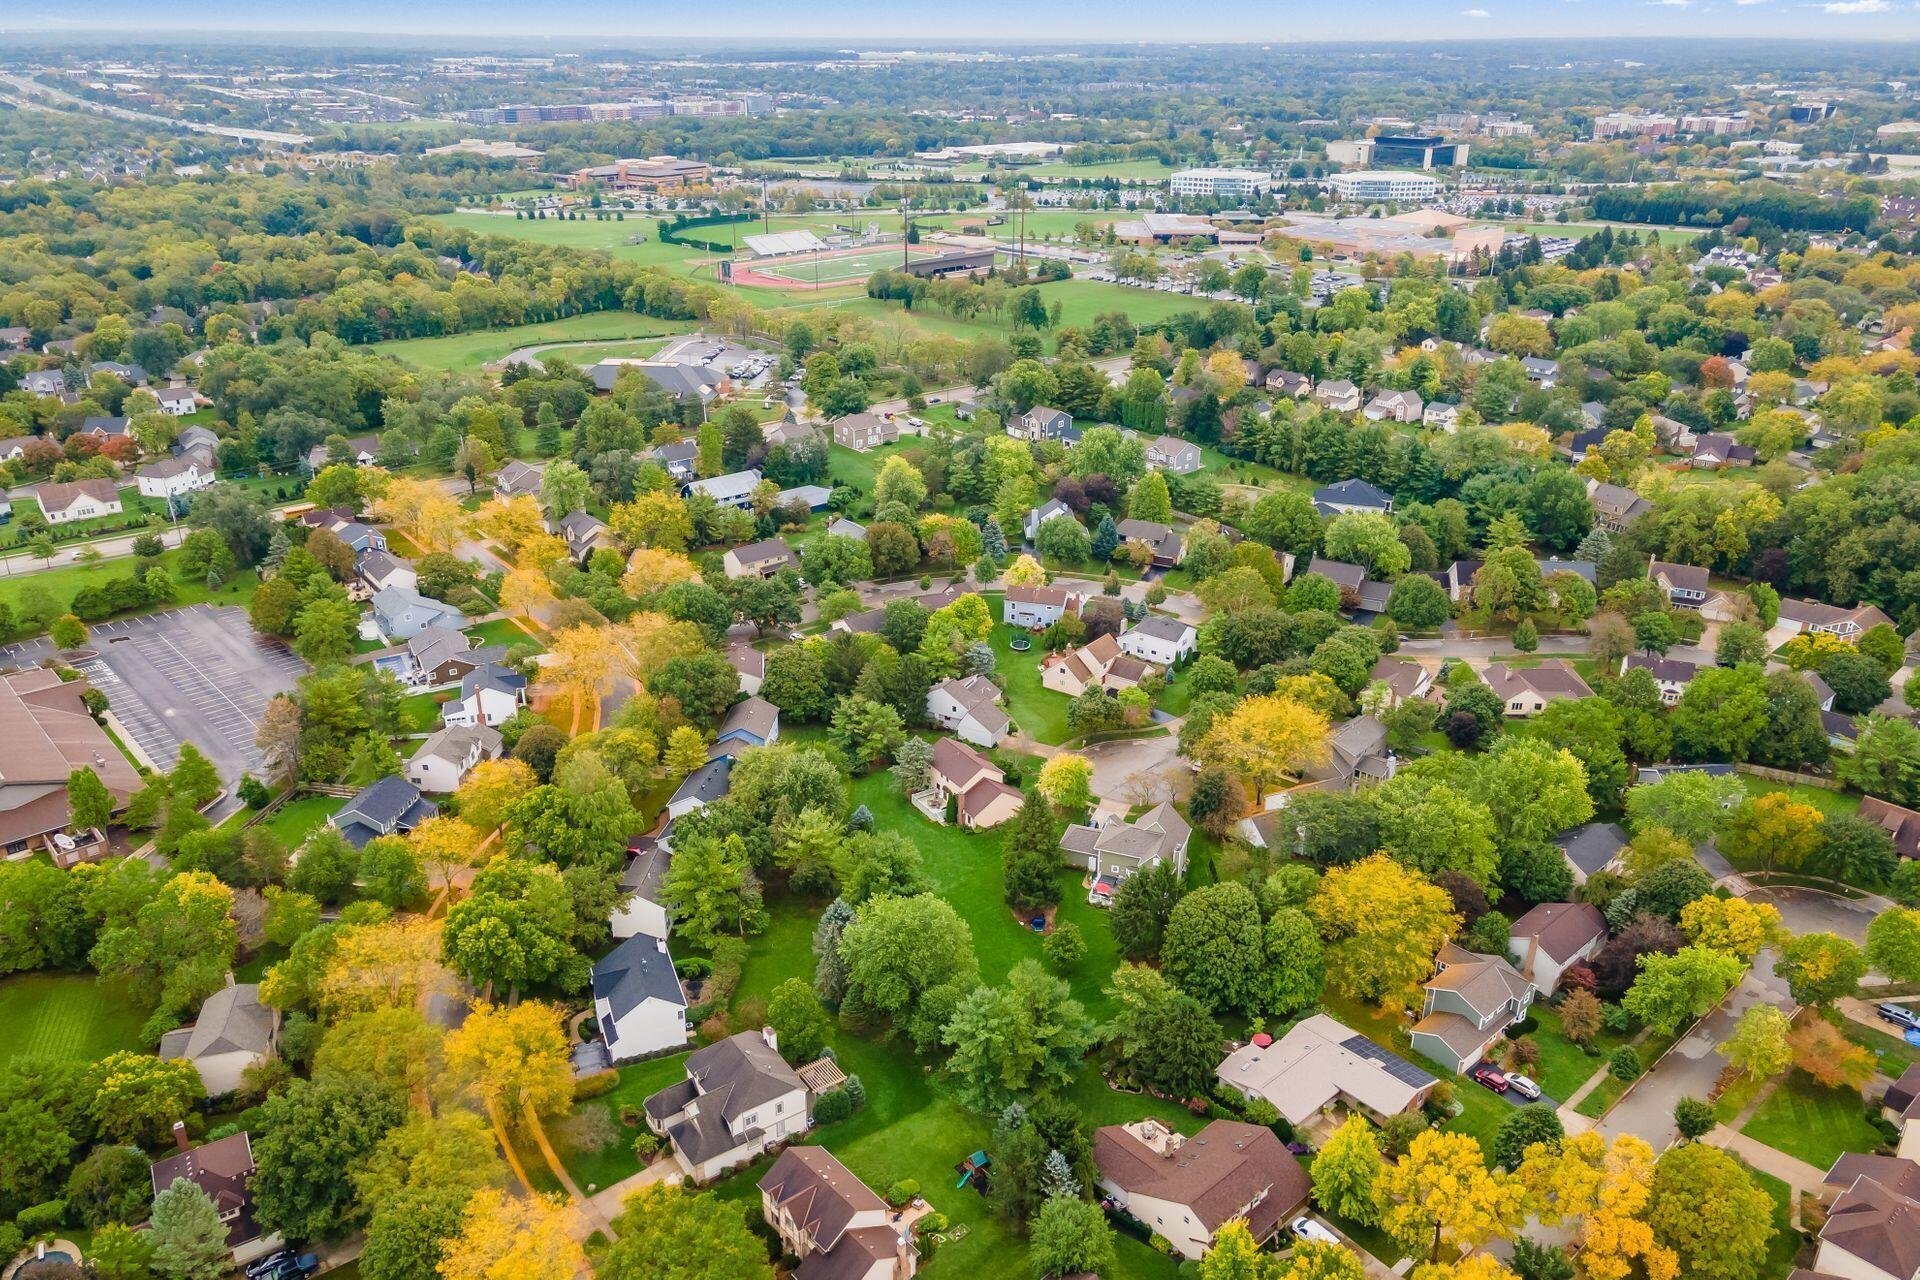 Drone of Neighborhood